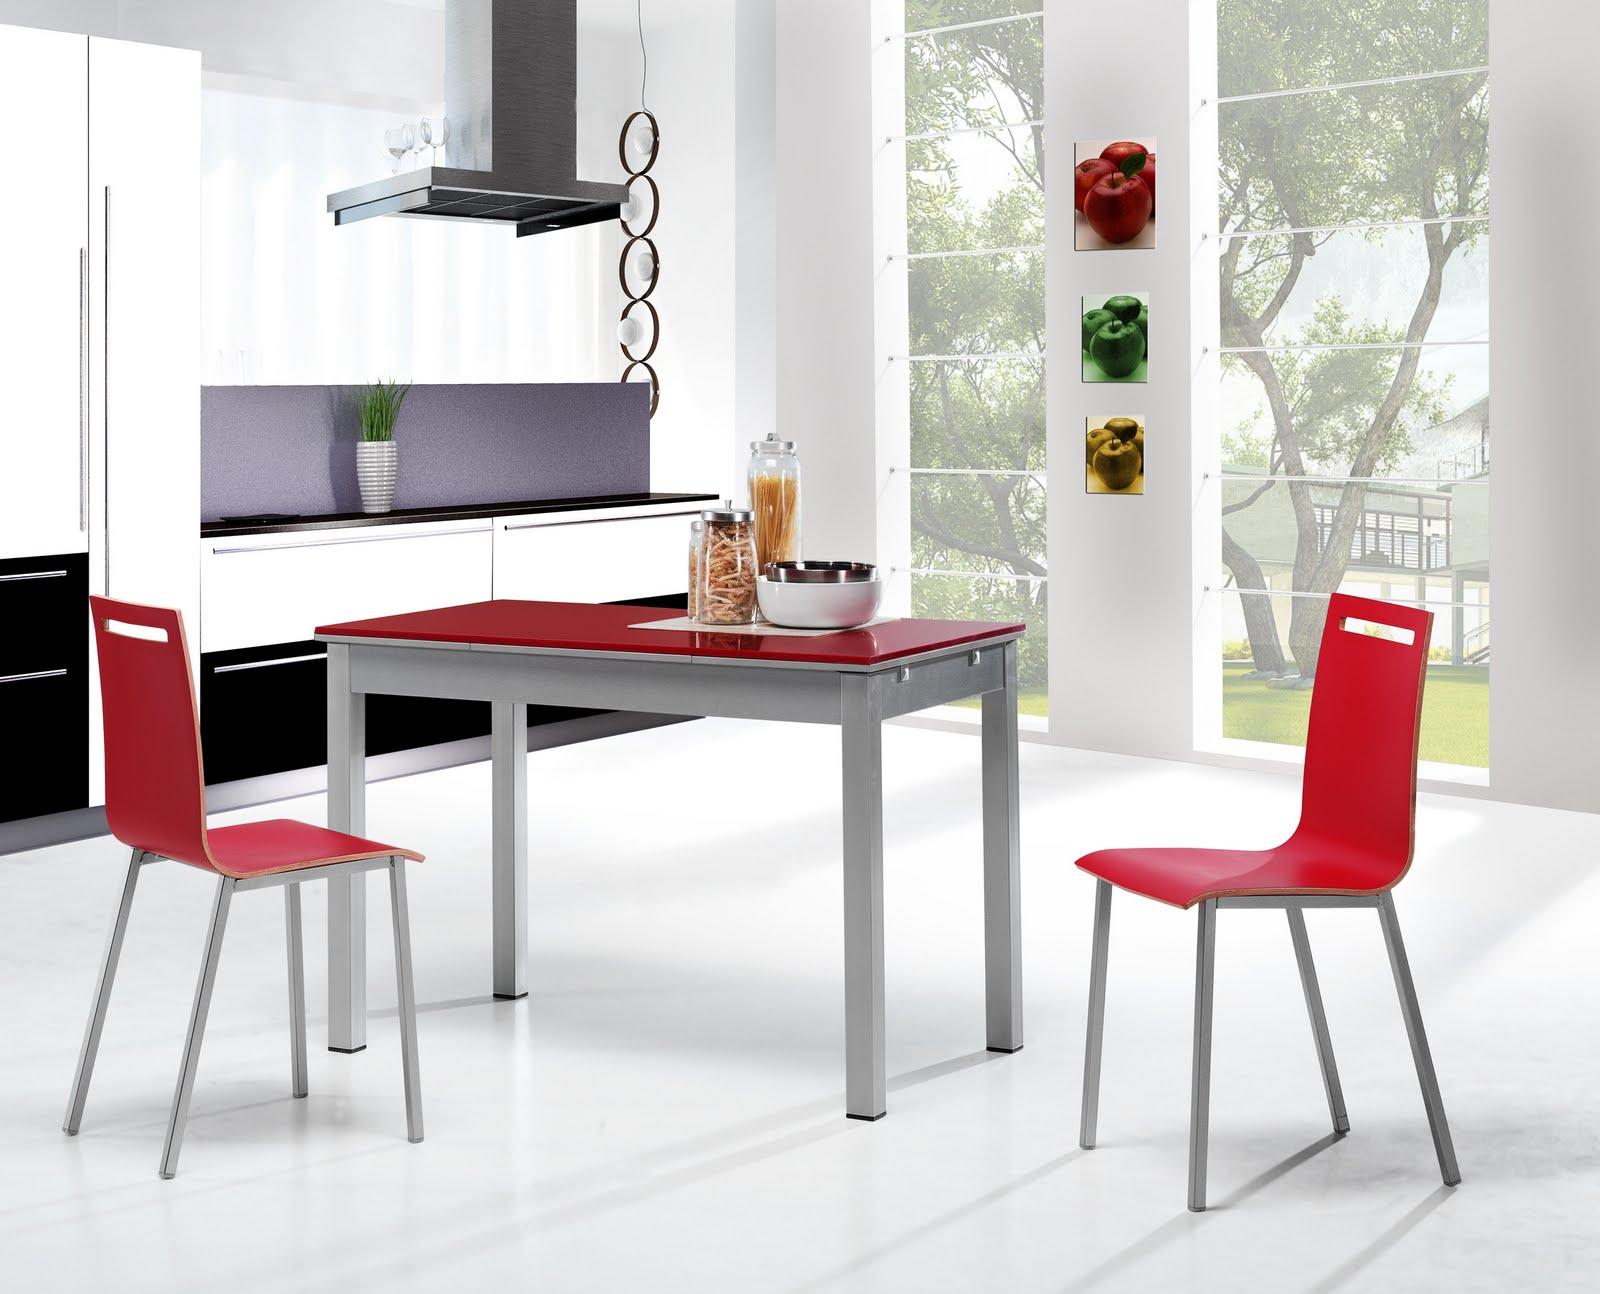 Dise o y decoraci n de cocinas novedades en sillas y for Ondarreta mesas y sillas